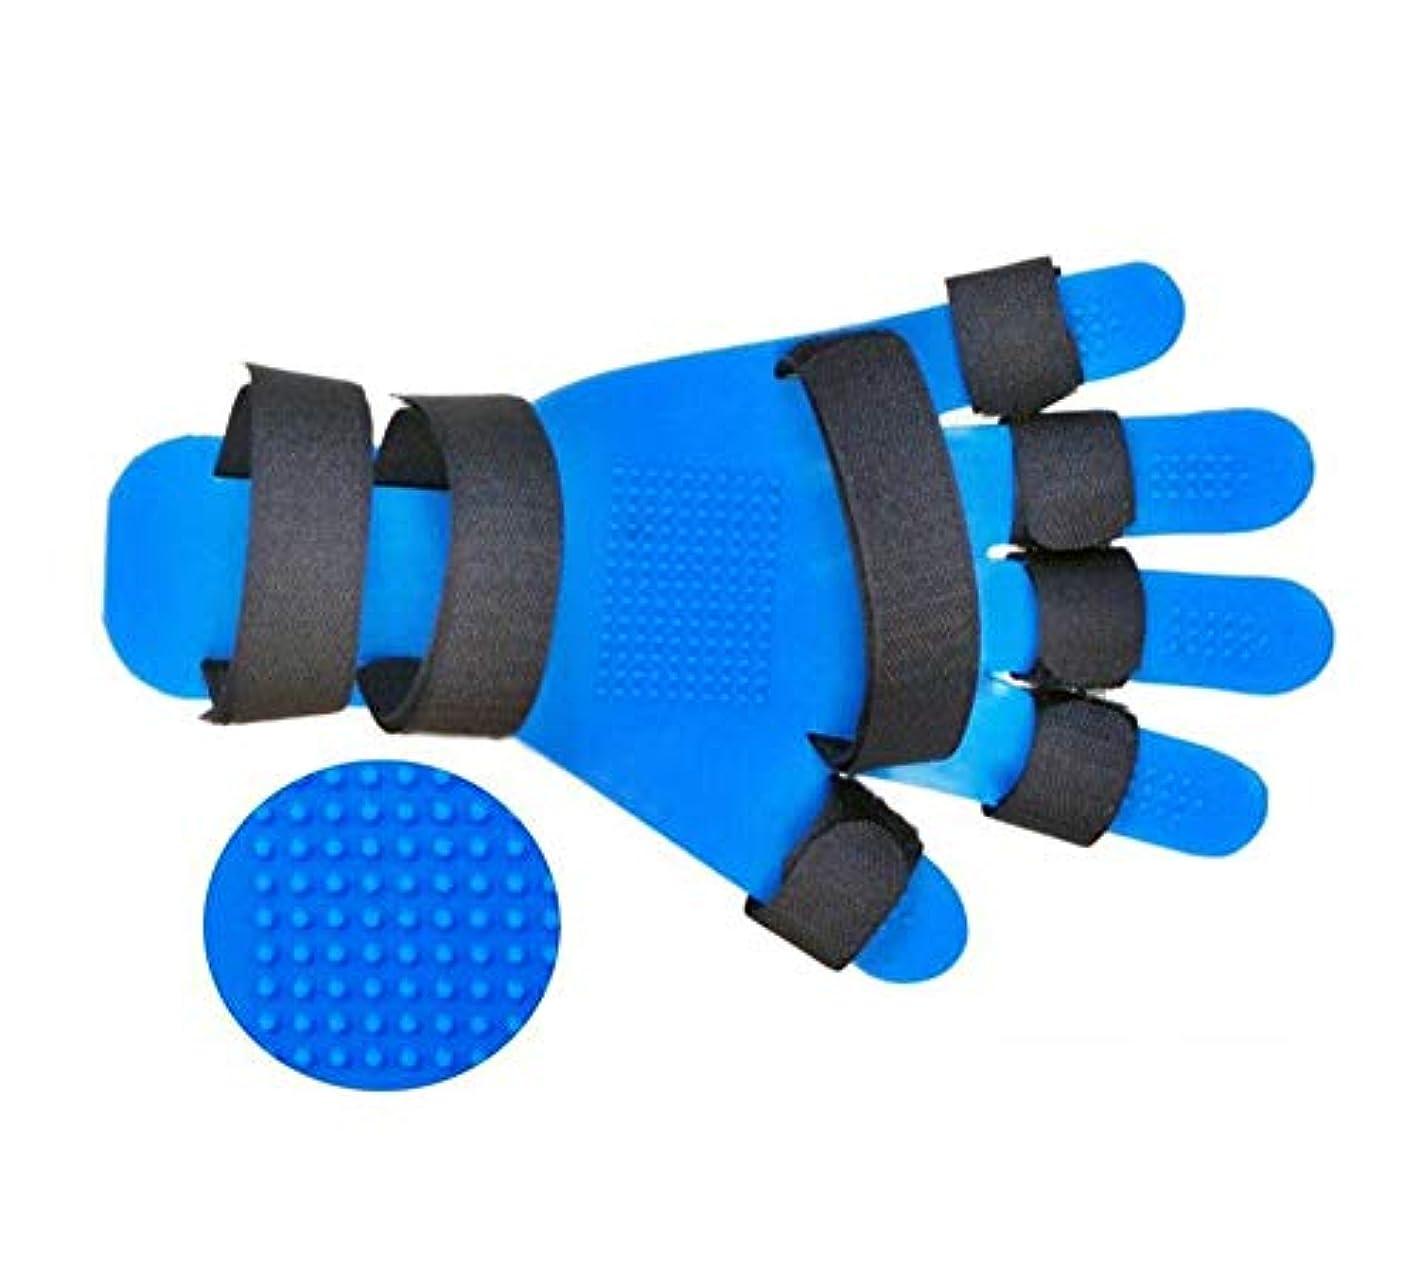 歯痛スリップ不健全指手首矯正器調節可能な指矯正プレート指分離プレート指を片側固定にする固定板指リハビリテーション機器